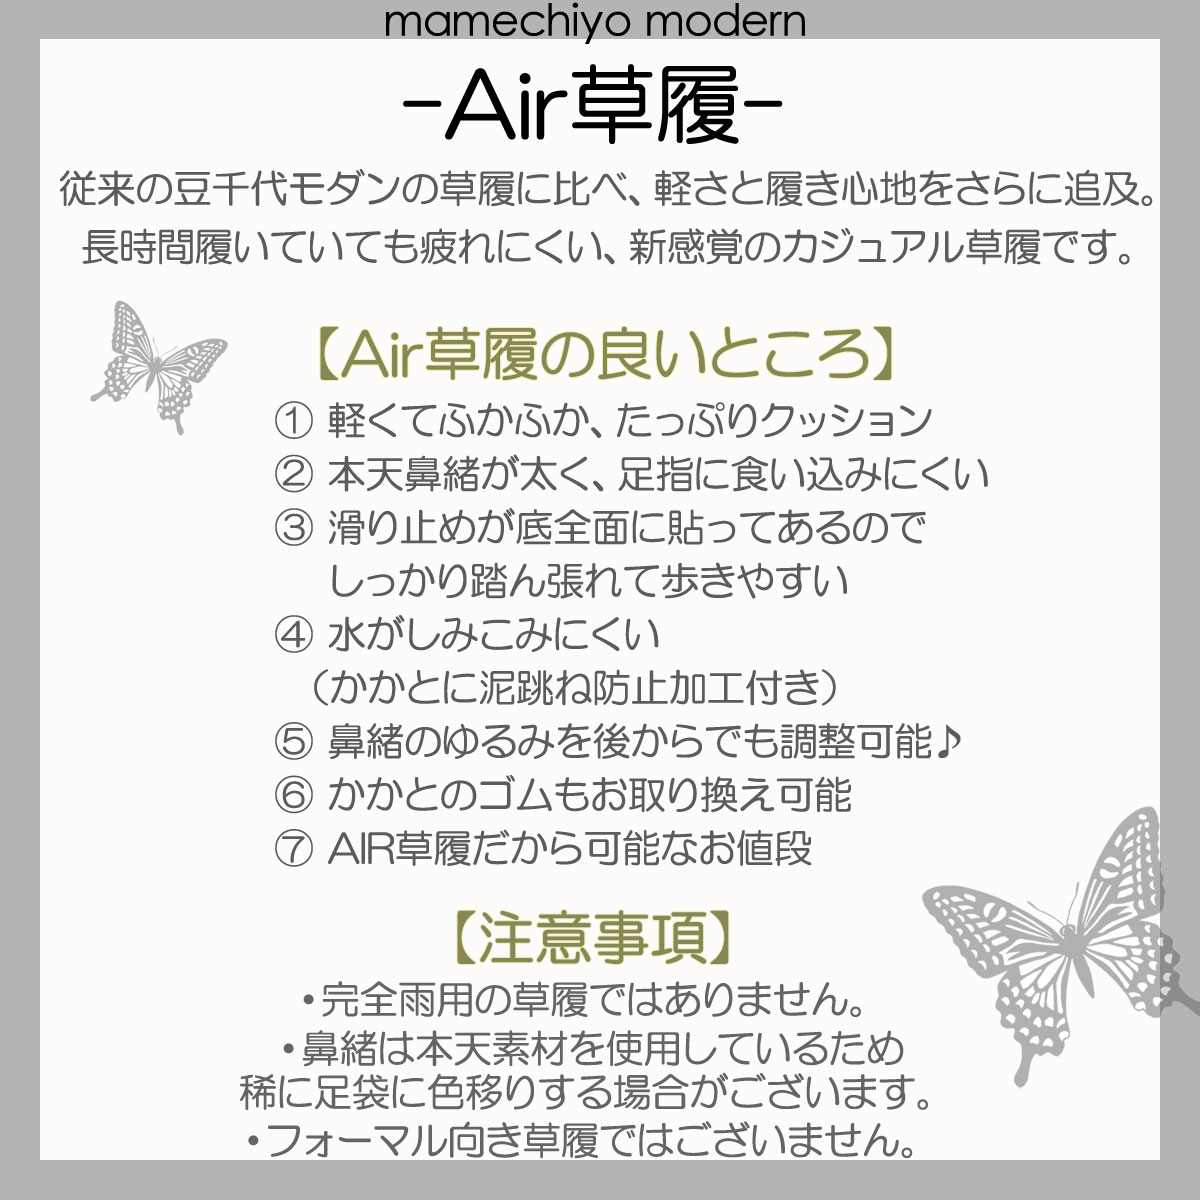 【受注品】AIR草履 レディ*バタフライ 白蝶黒台(S・M・Lサイズ)